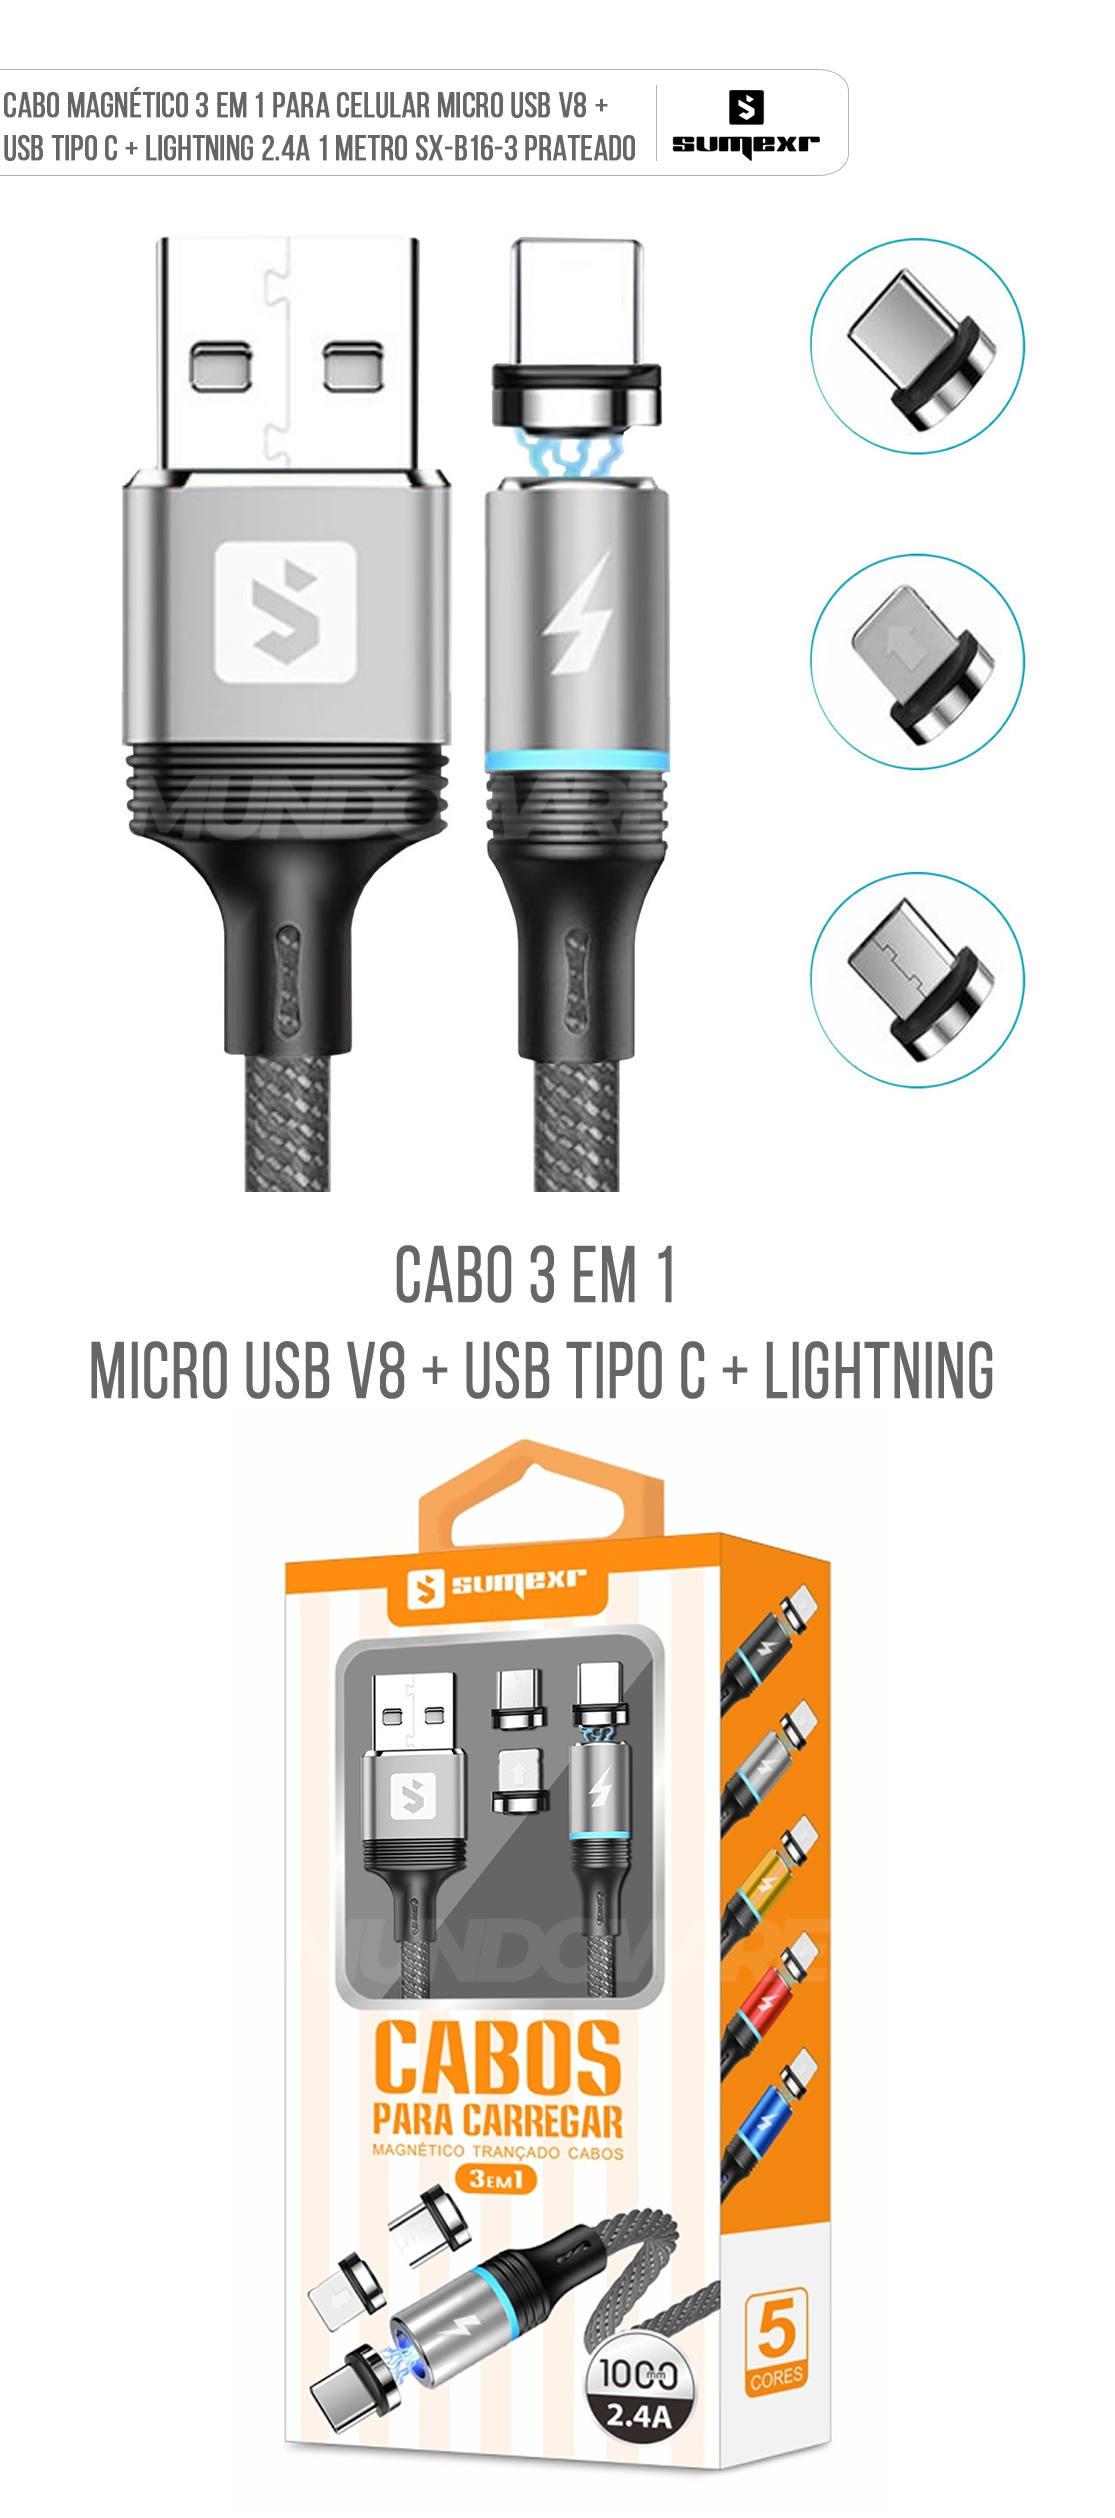 Cabo Magnético 3 em 1 para Celular Micro USB V8 + USB Tipo C + Lightning 2.4A 1 metro SX-B16-3 Prata